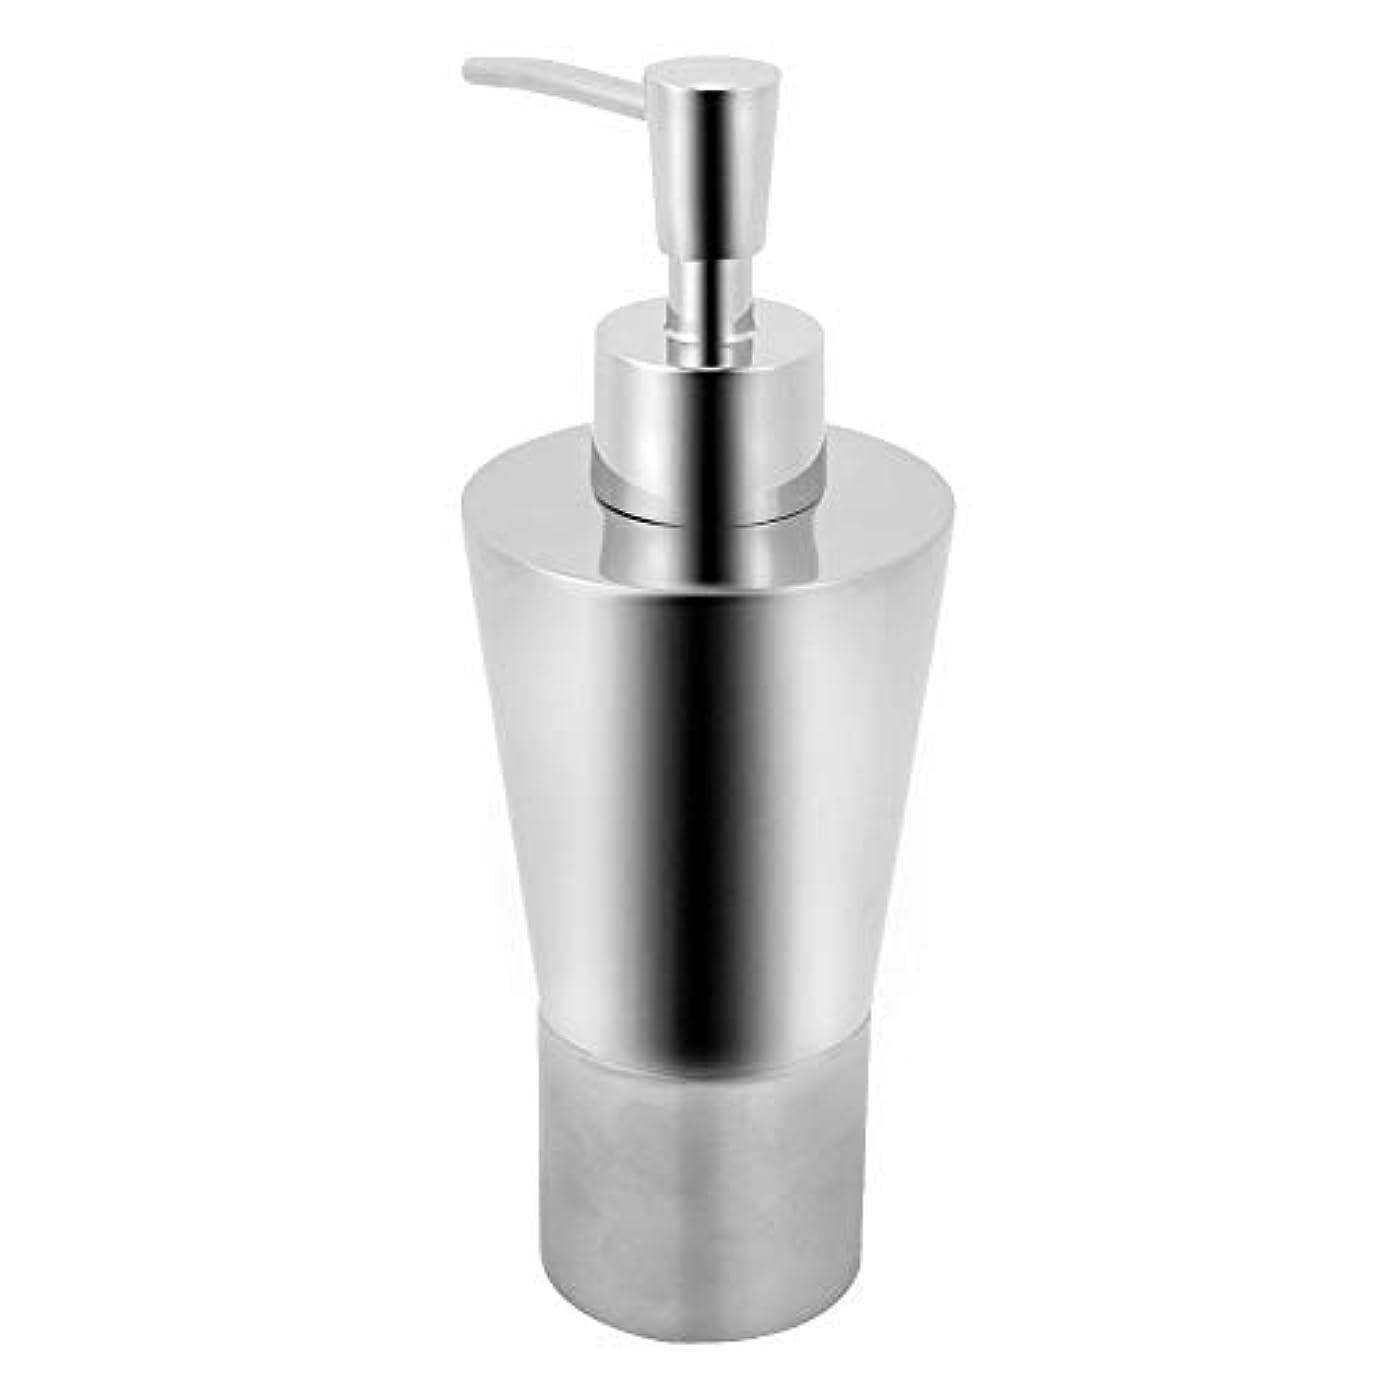 深遠可愛いコアdootiディスペンサー 詰め替え ハンドソープ 洗剤ボトル ステンレス 耐久性 防水 防錆 多種類のソープ液体に適用